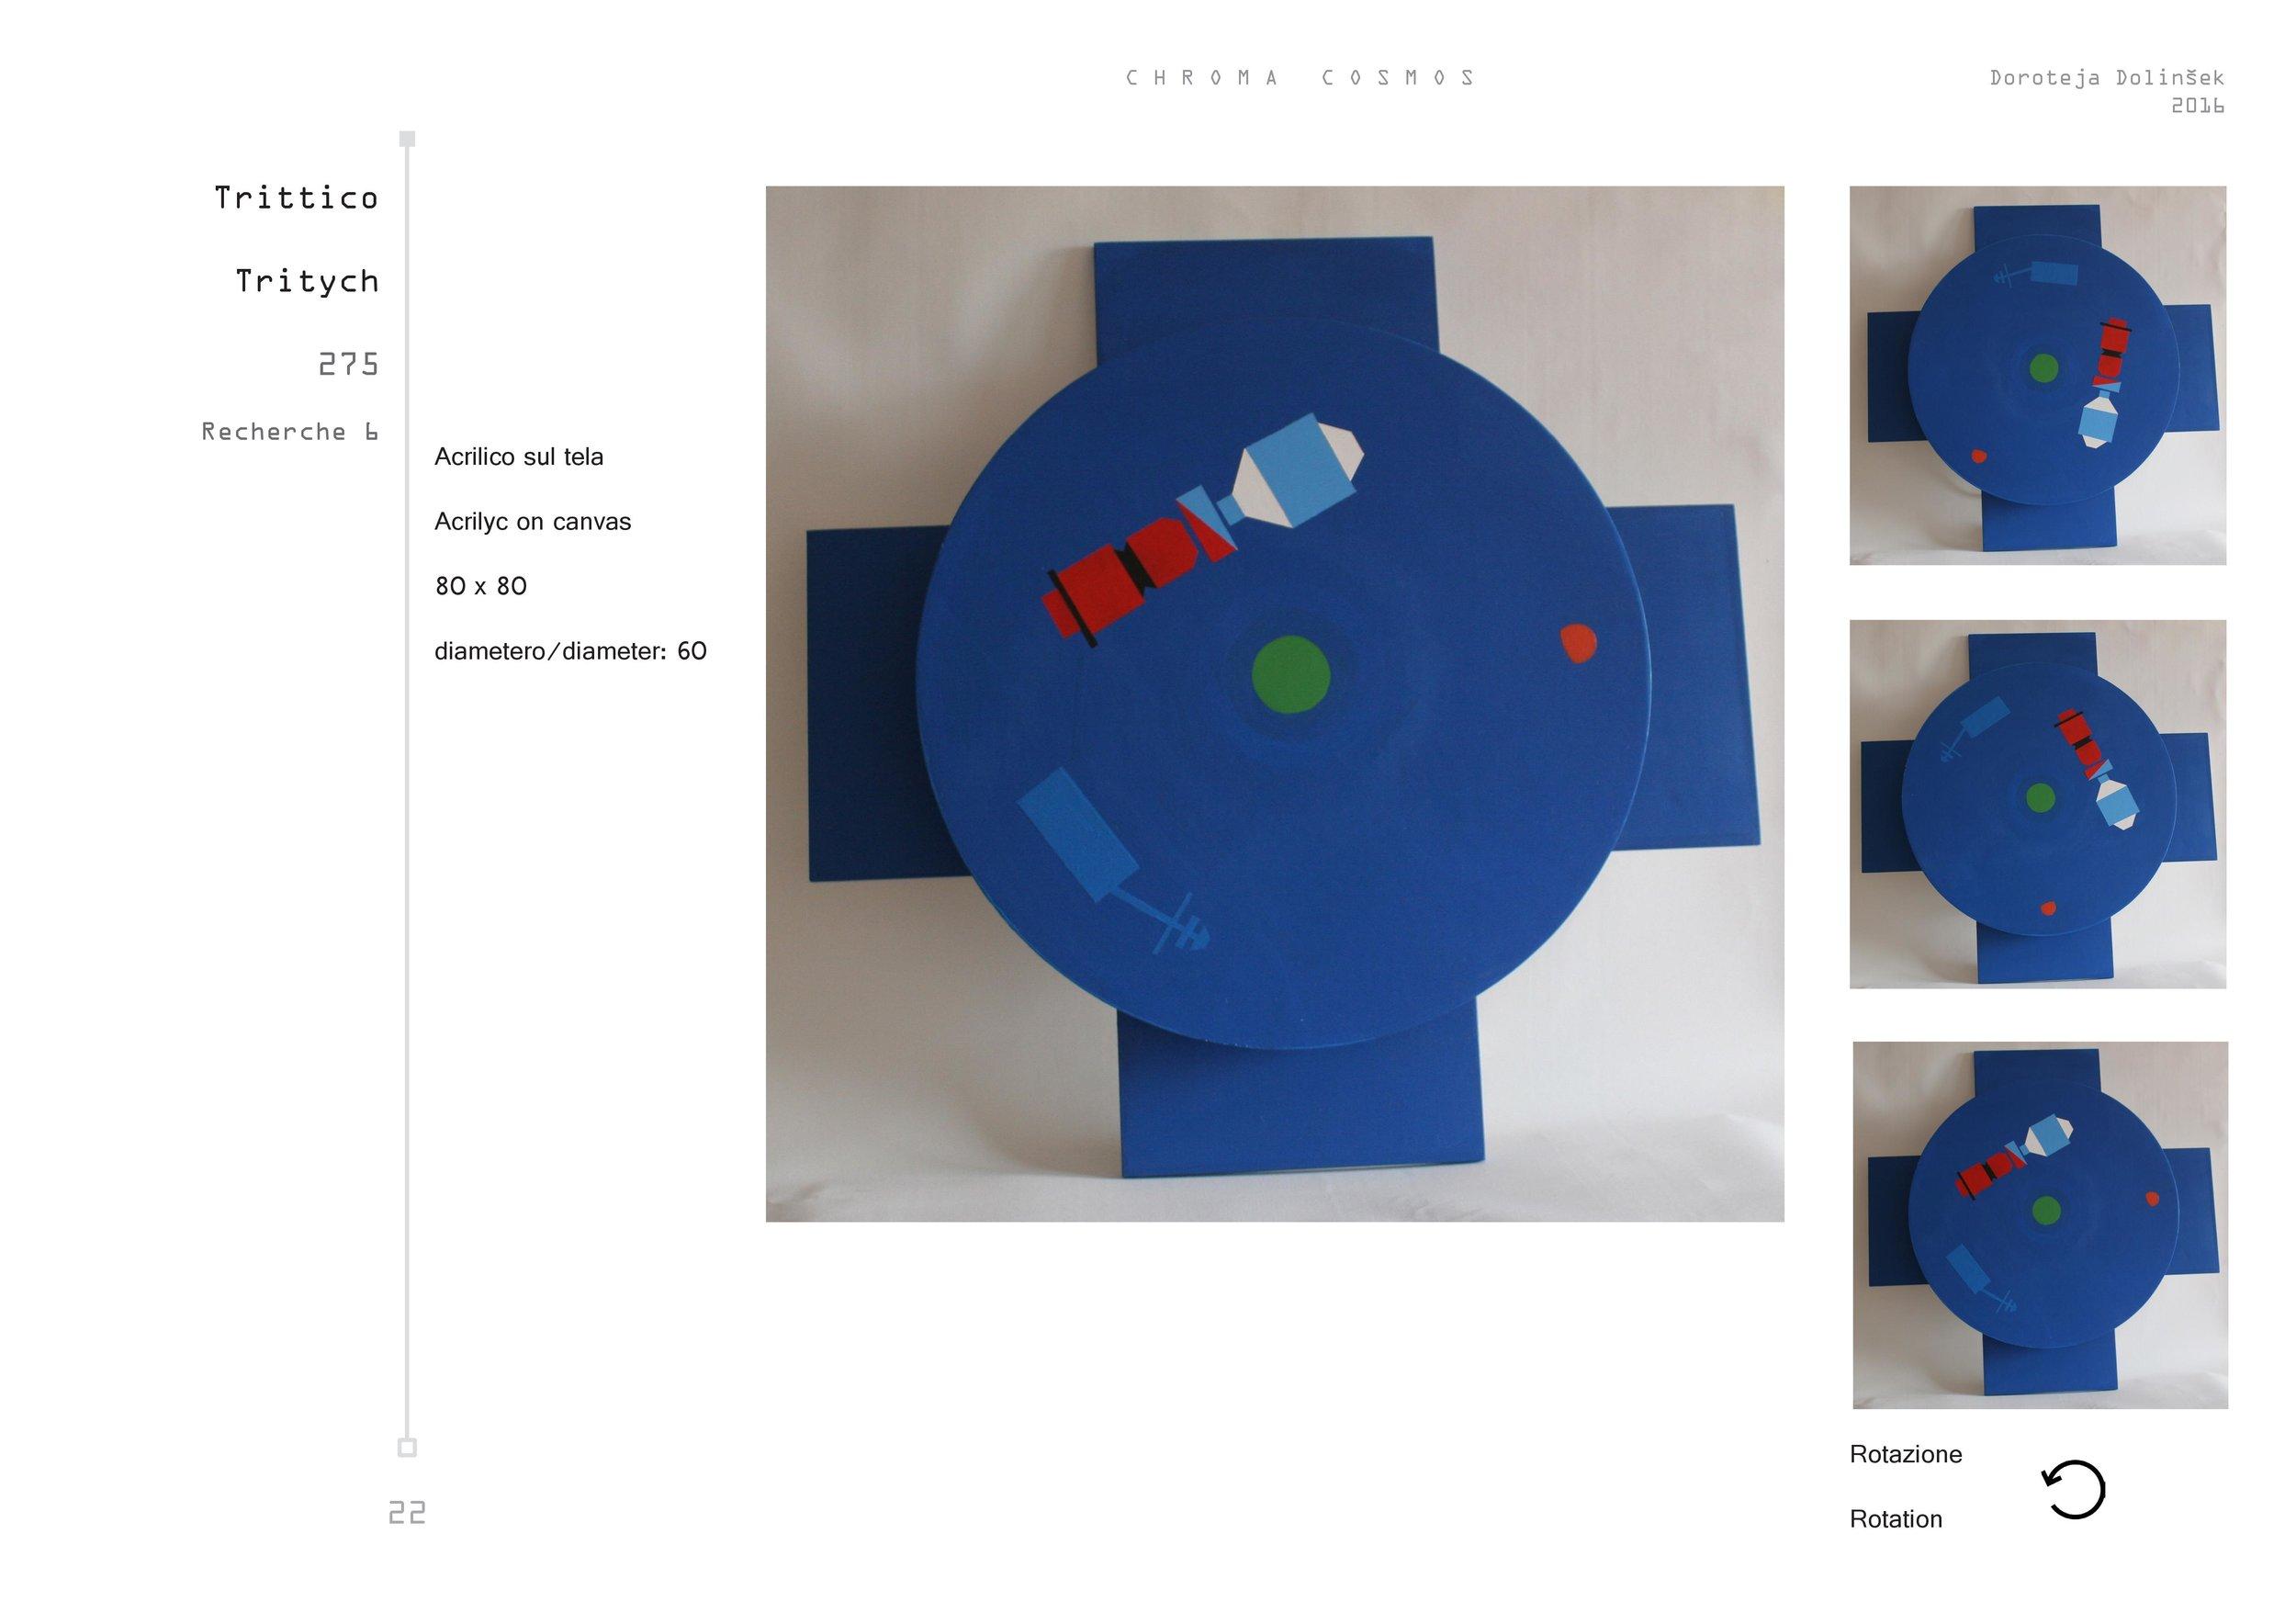 CHROMA COSMOS-page-022.jpg